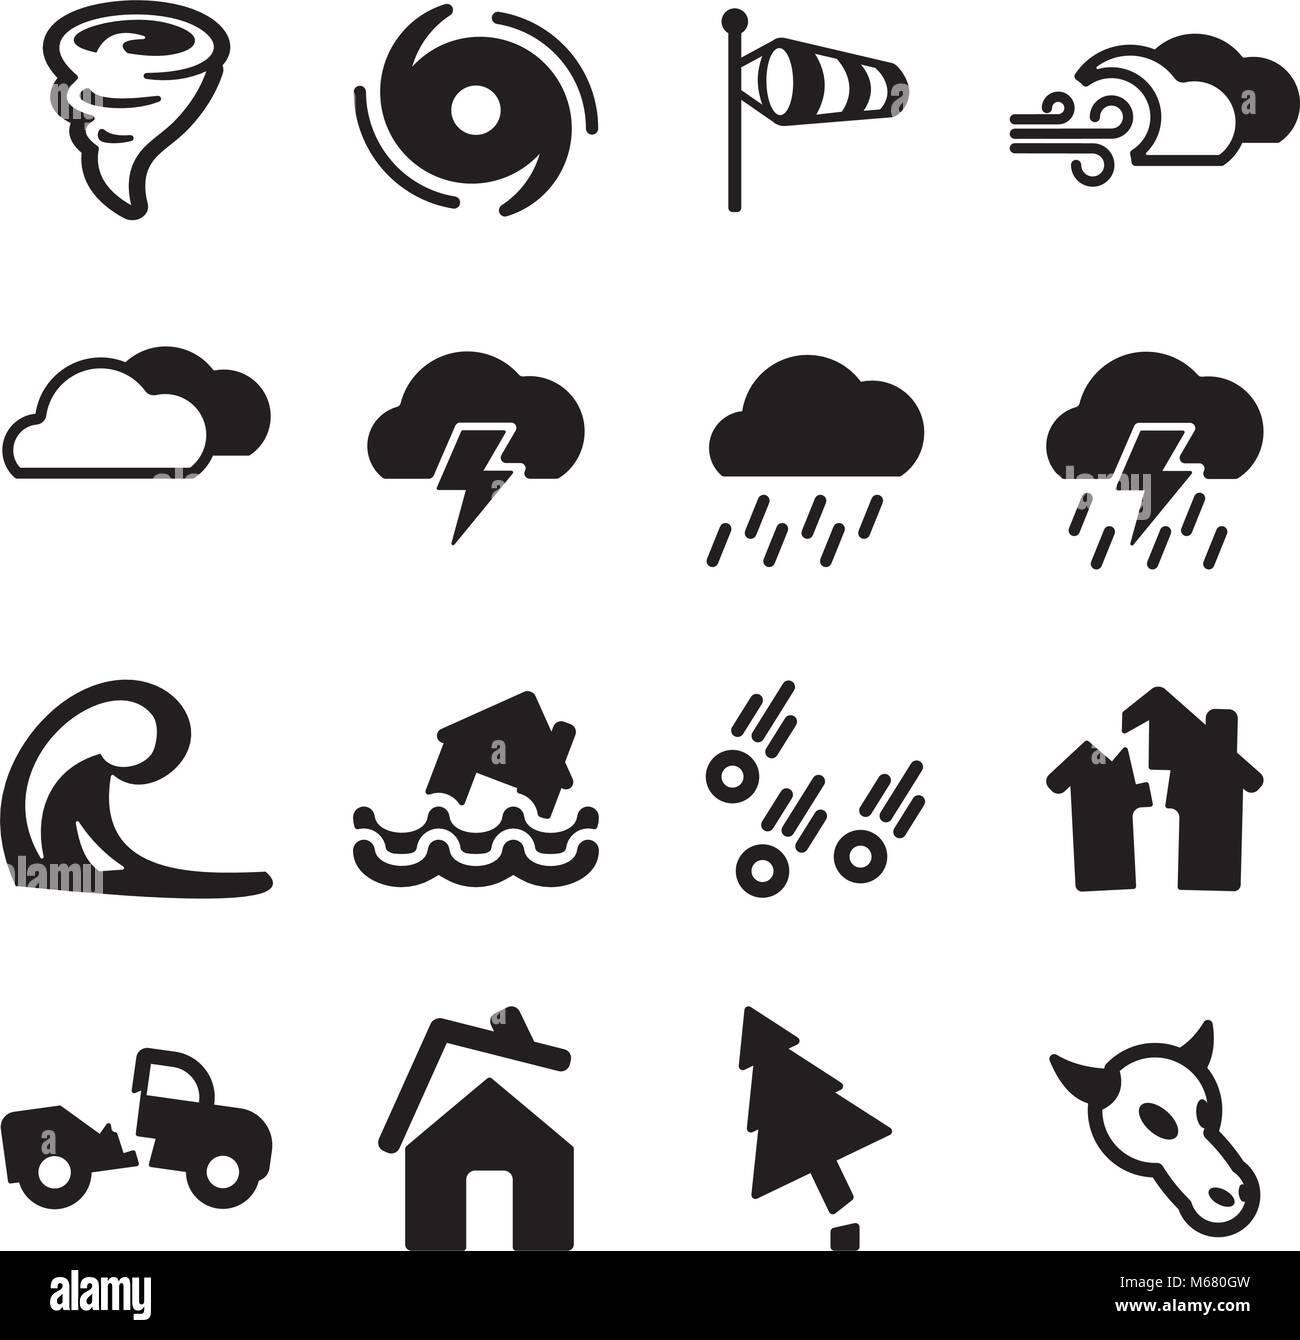 Tornado Icons - Stock Vector